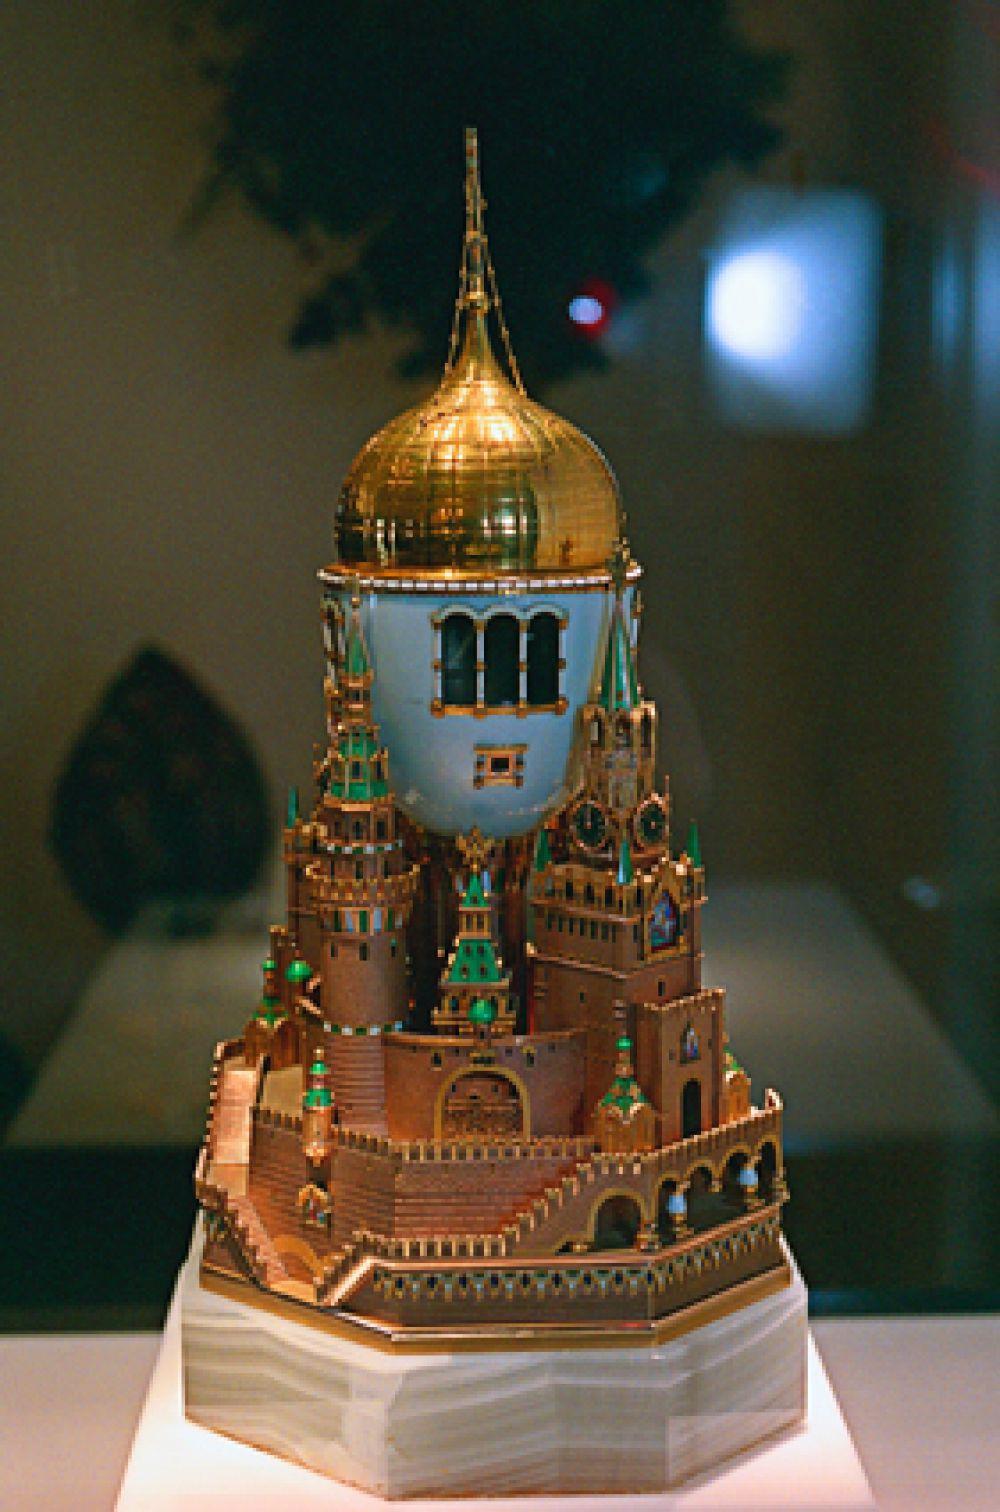 «Московский Кремль», 1906 год. Самое большое из яиц. На нём изображён Успенский собор, а через окна виден интерьер храма. Имеет заводные часы.